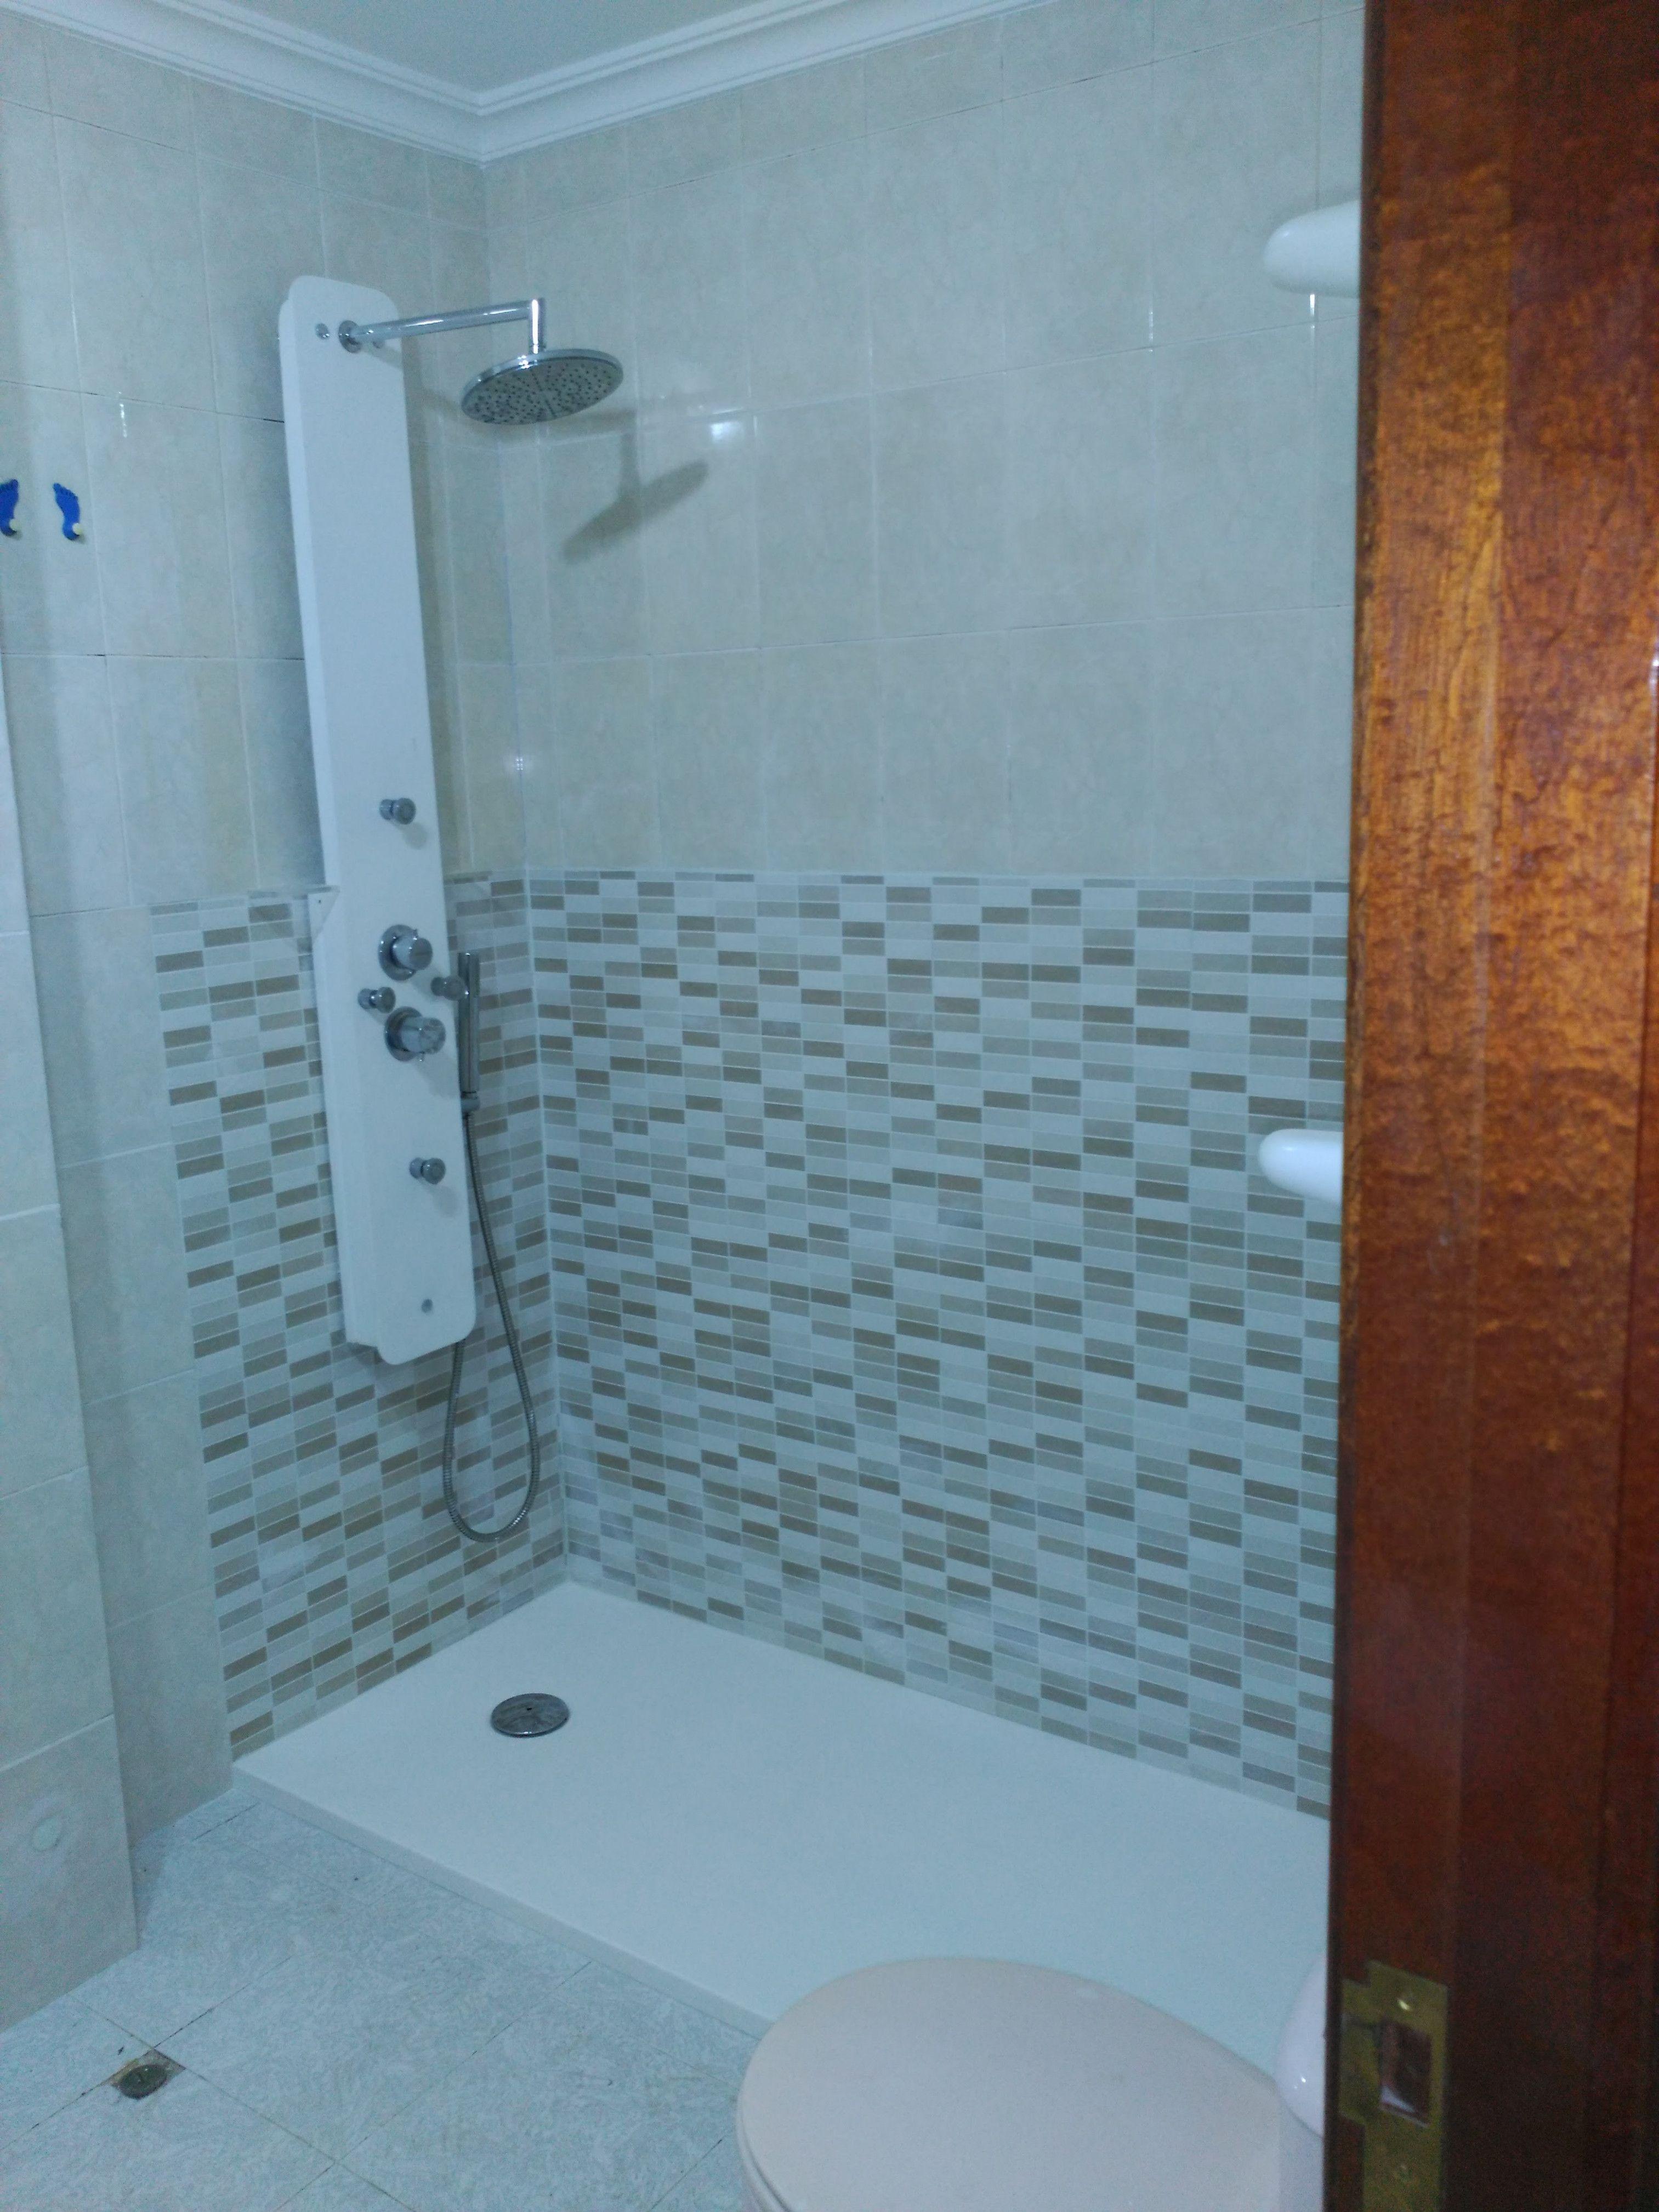 Cómo Cambio De Bañera Por Plato De Ducha Precio Va A Cambiar Sus Estrategias Comerciales Ca Platos De Ducha Diseño De Baños Baño Sencillo